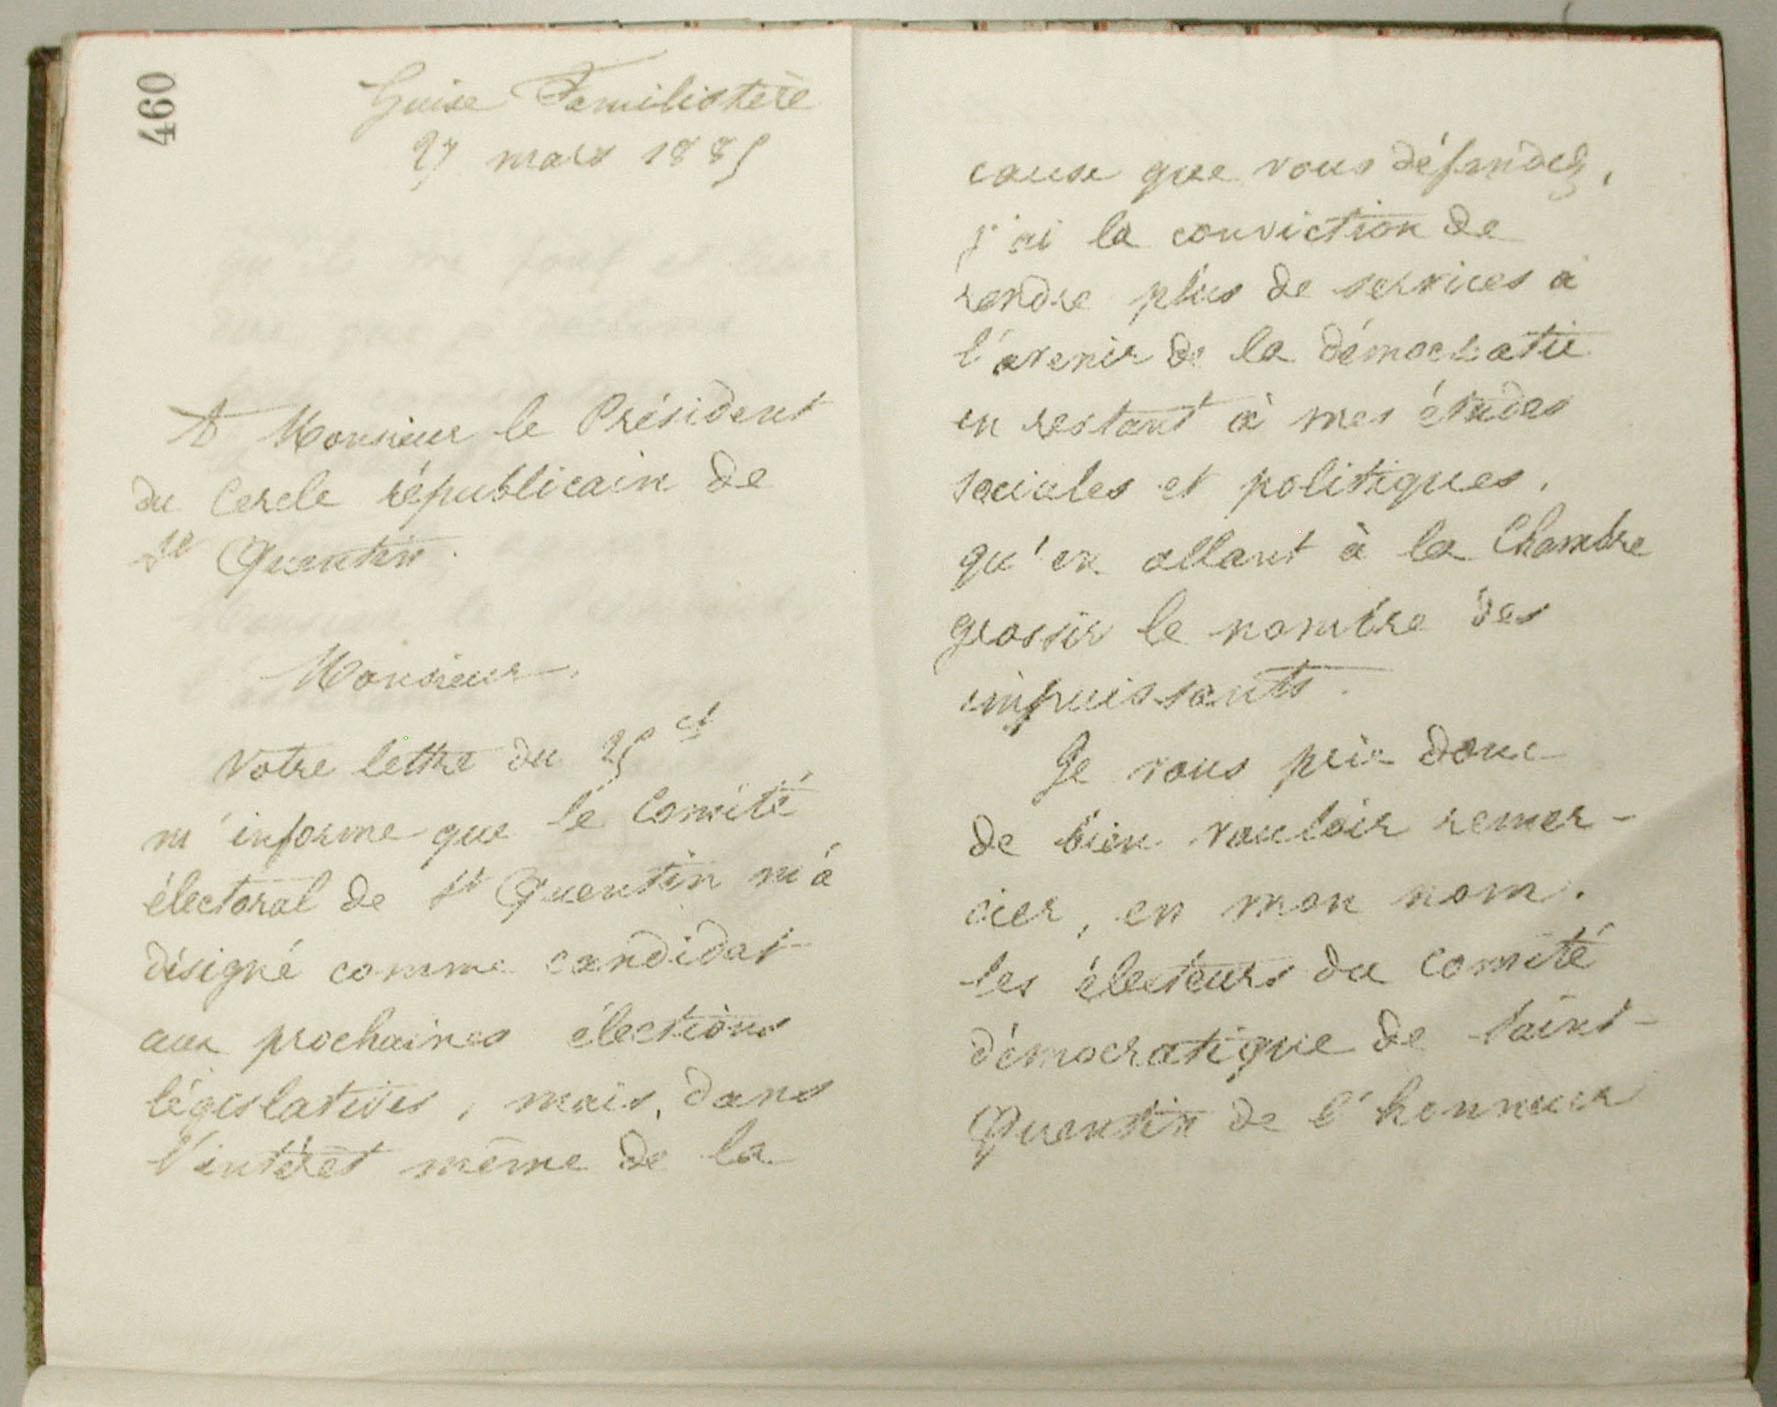 Vue de la première pas d'une lettre manuscrite.